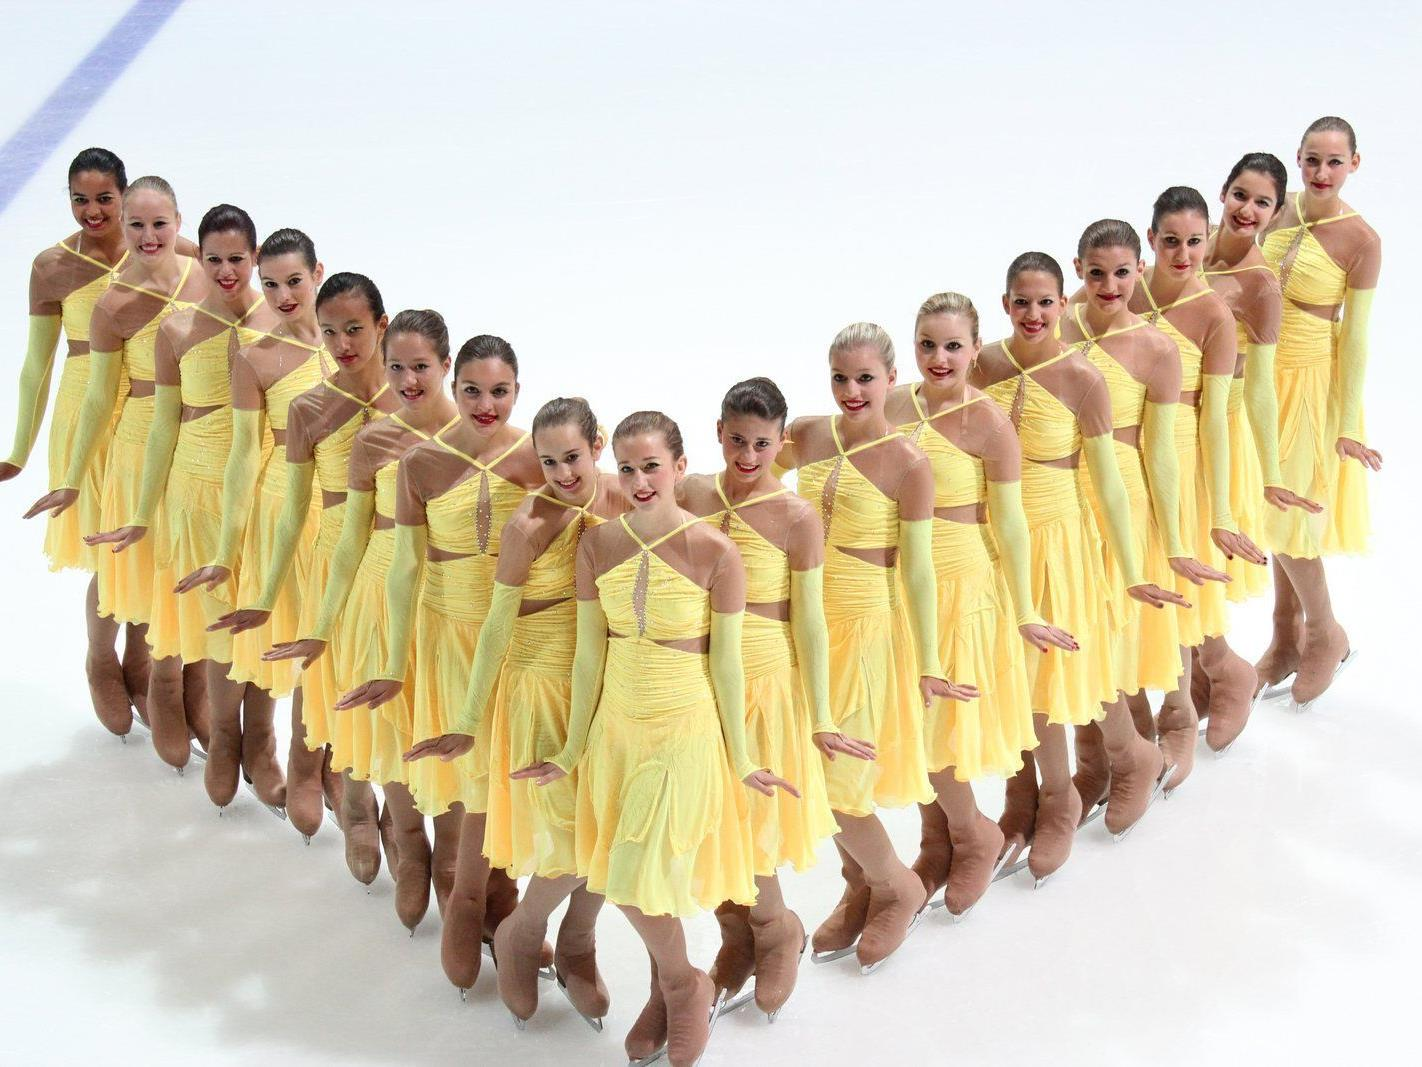 Am 1. Dezember erwartet die Besucher der 9. Eisgala wieder eine spektakuläre Show.